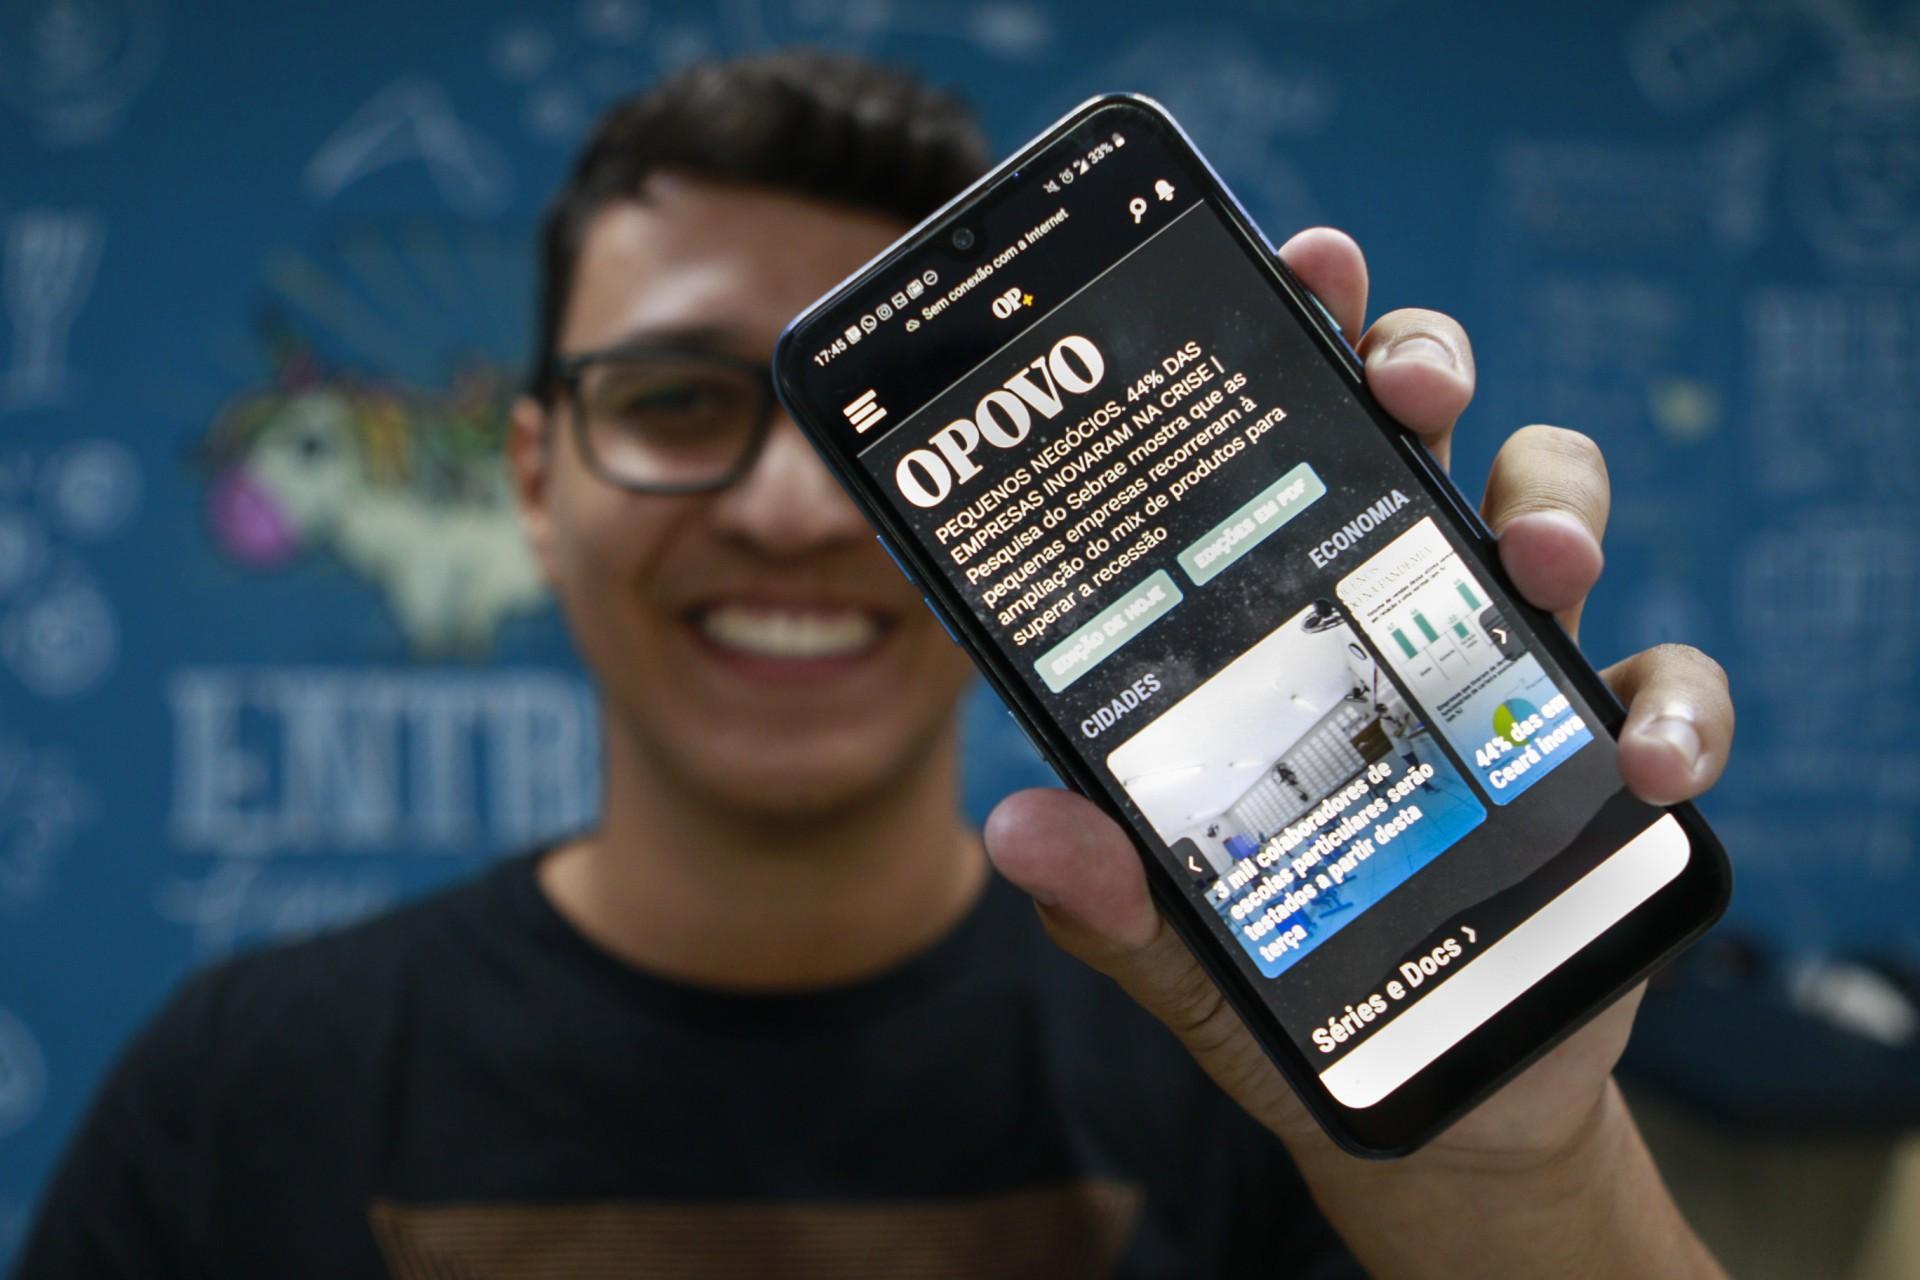 Plataforma O POVO+ foi vencedora em uma das mais importantes premiações do jornalismo digital da América Latina.